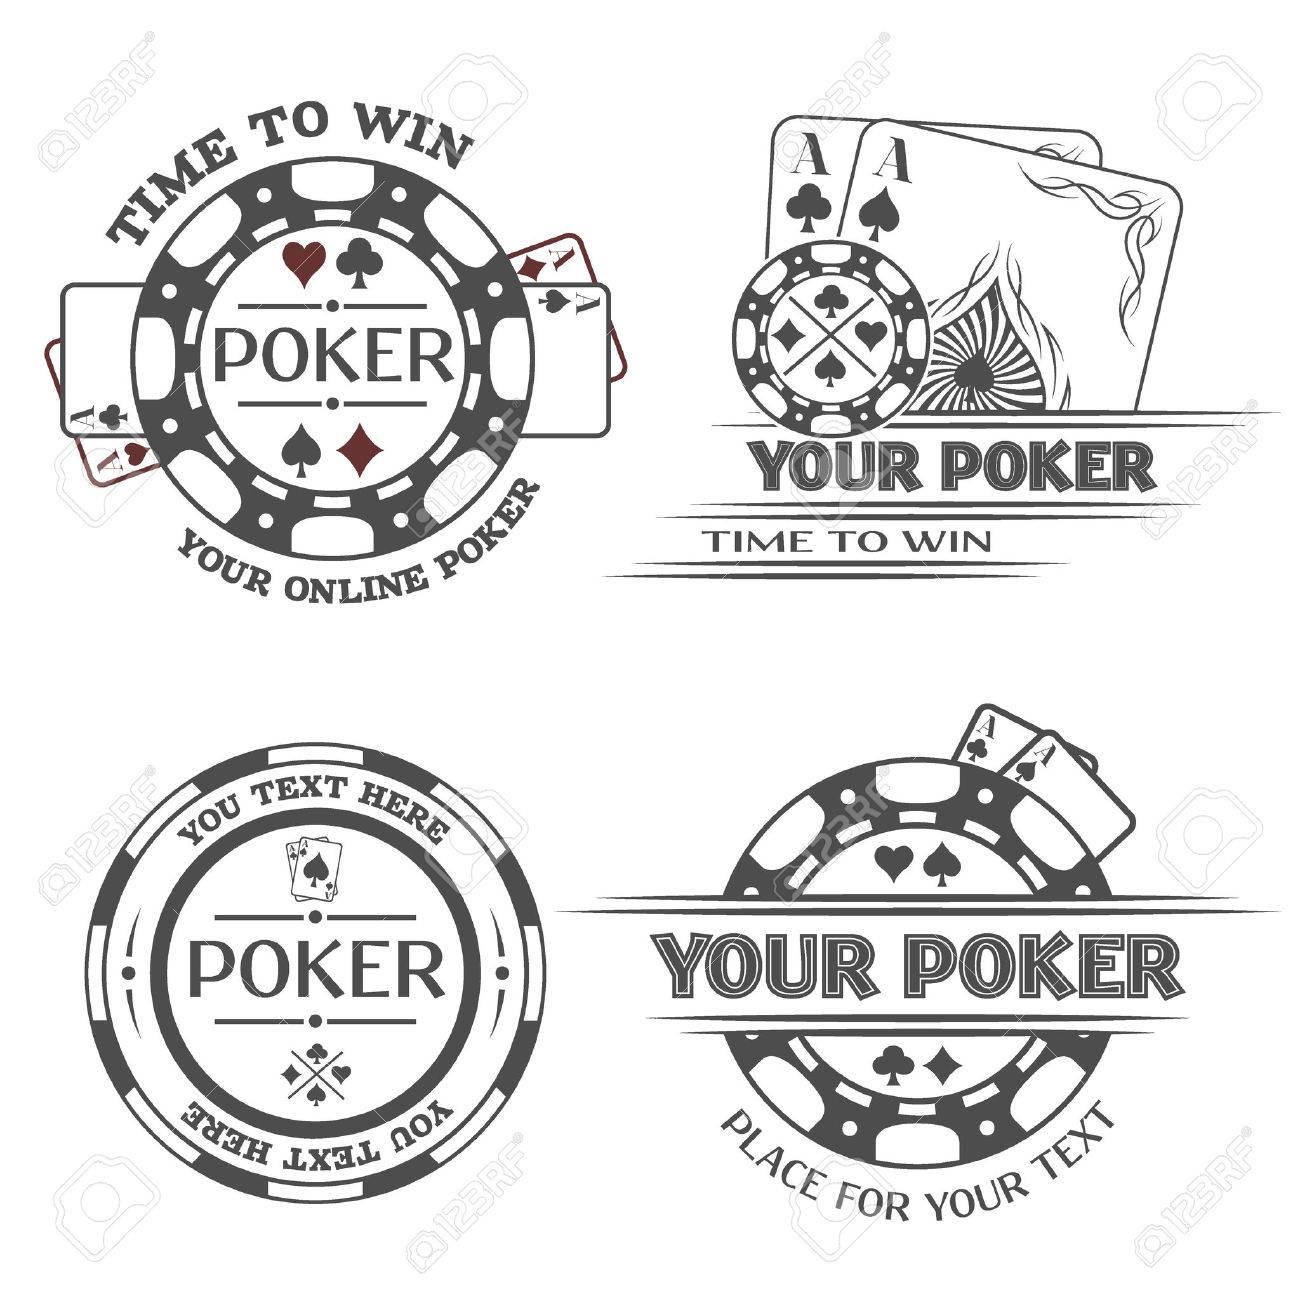 Set poker emblems or lable Vector illustration. - 39492291